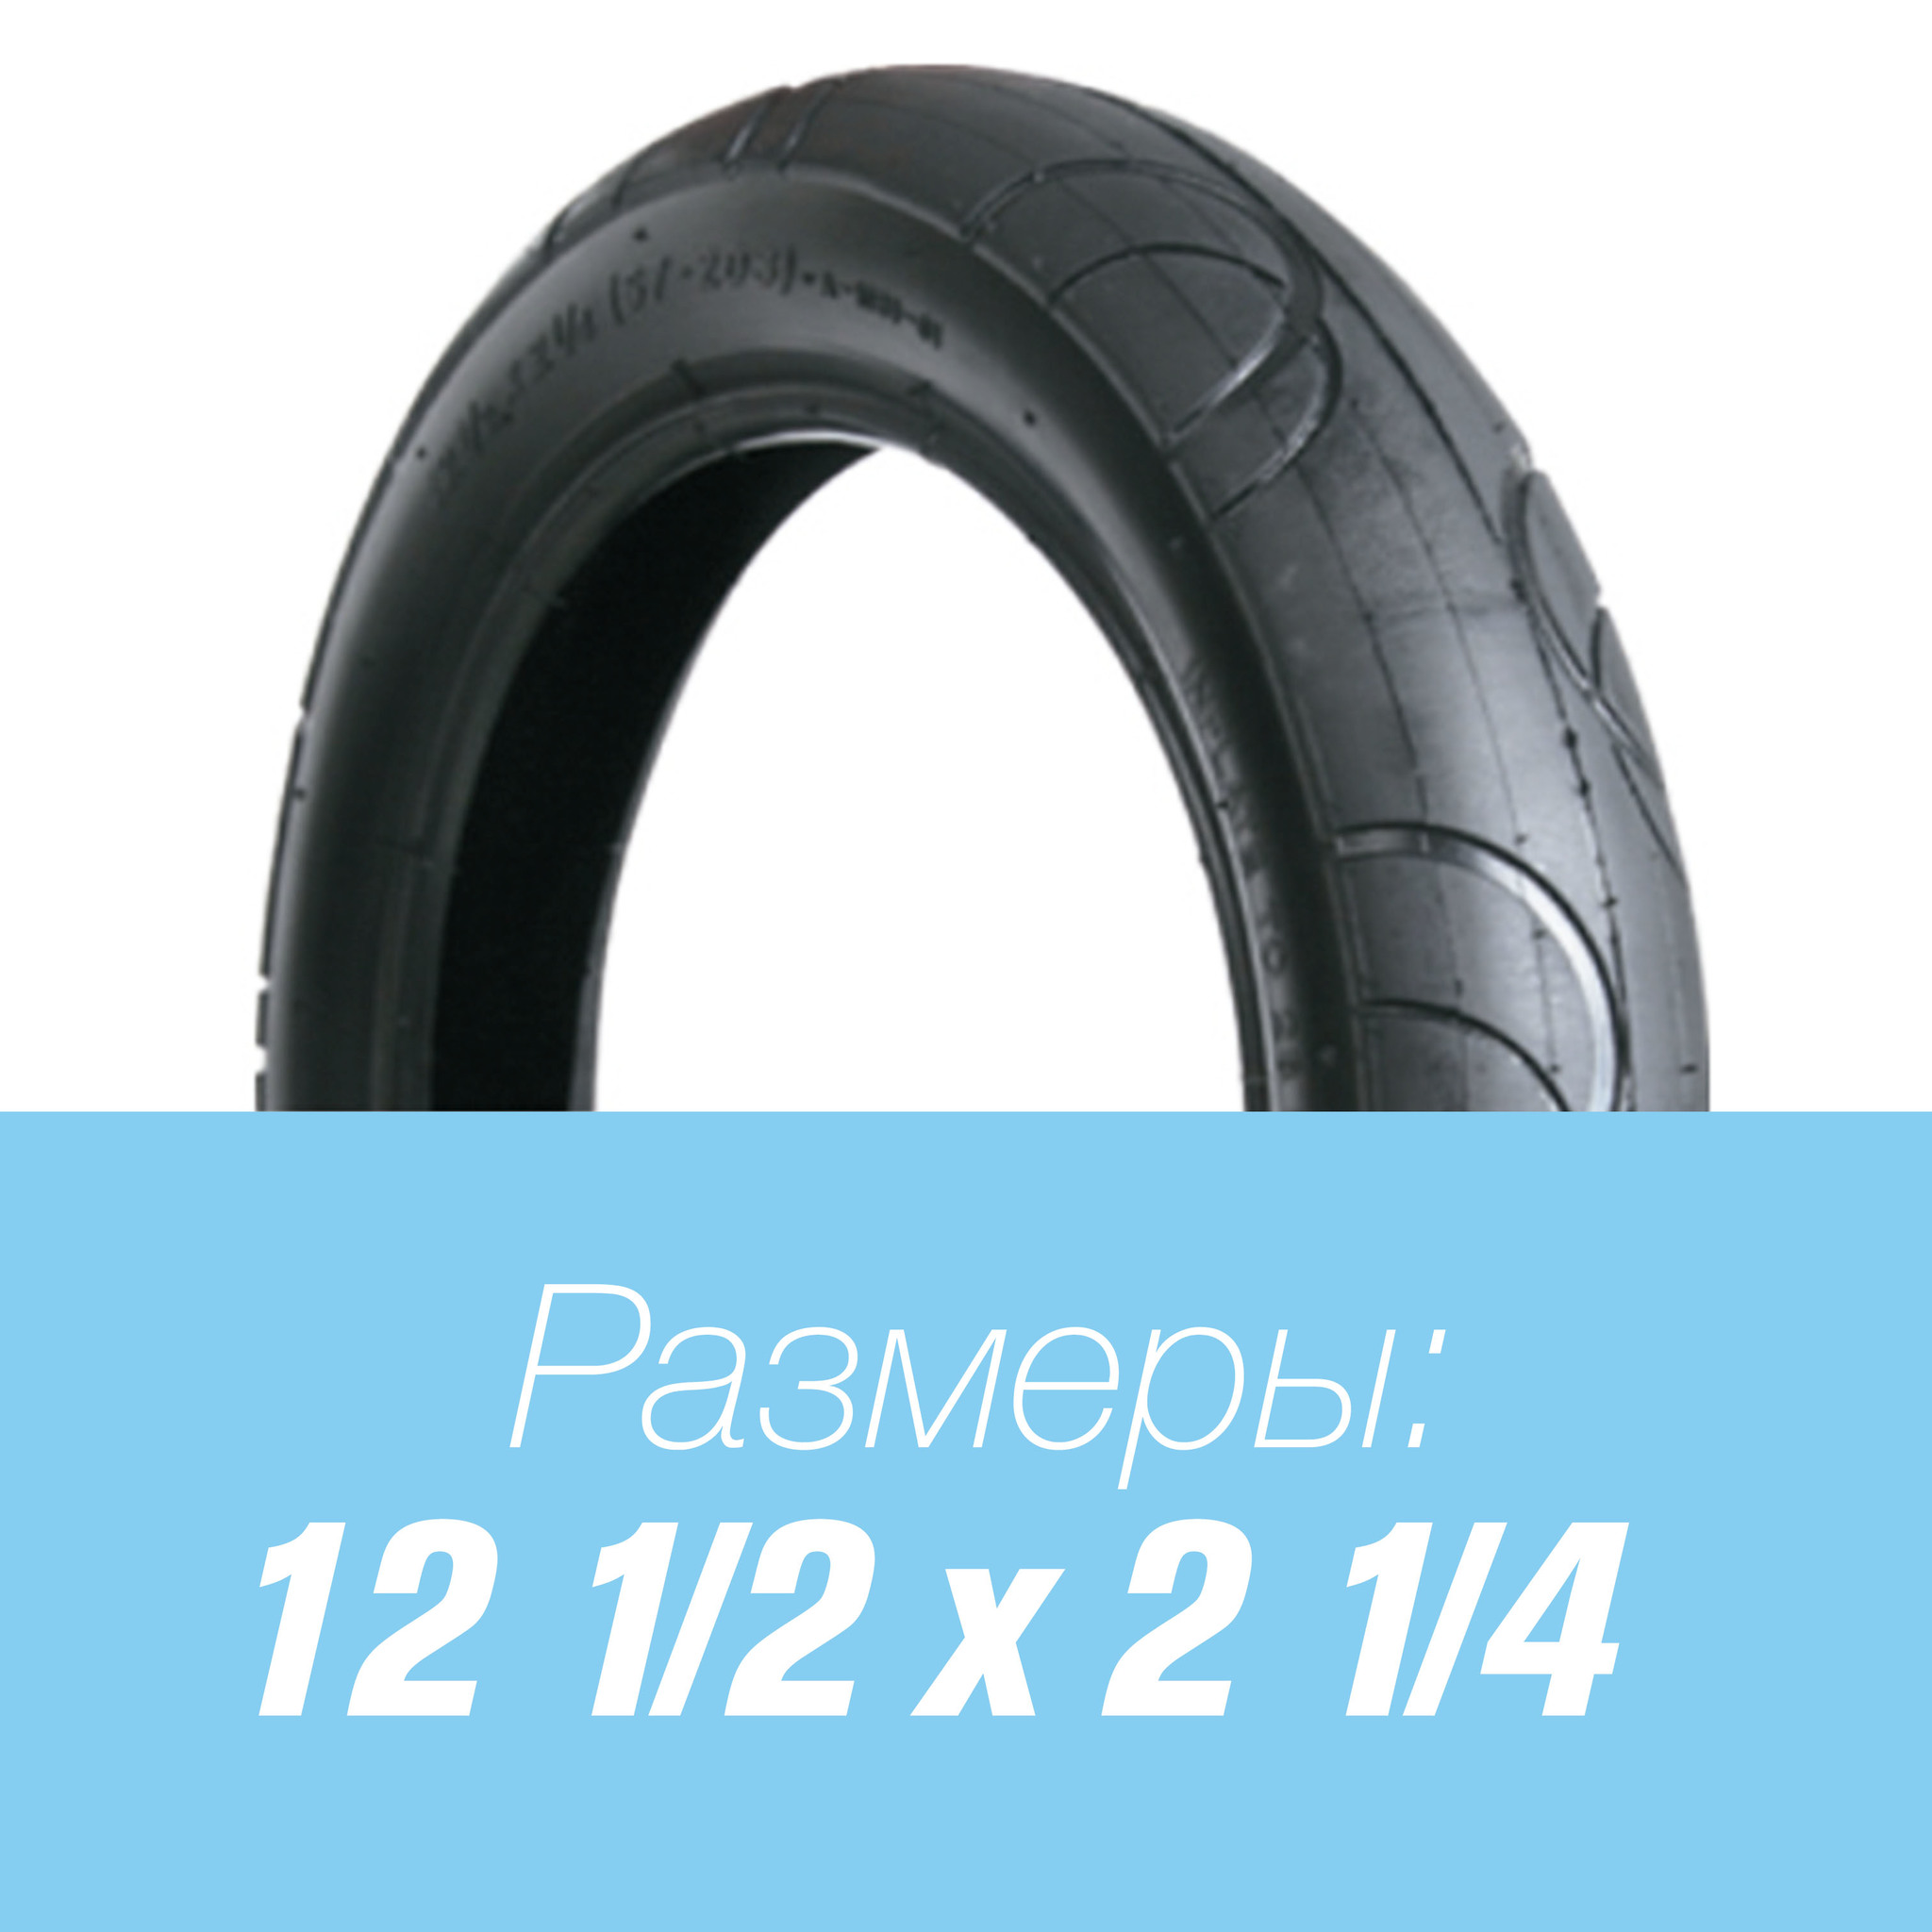 Запчасти для колясок Adamex Покрышка 12 1/2 x 2 1/4 (57-203/62-203) для детской коляски (полукольца) 12_кольца.jpg